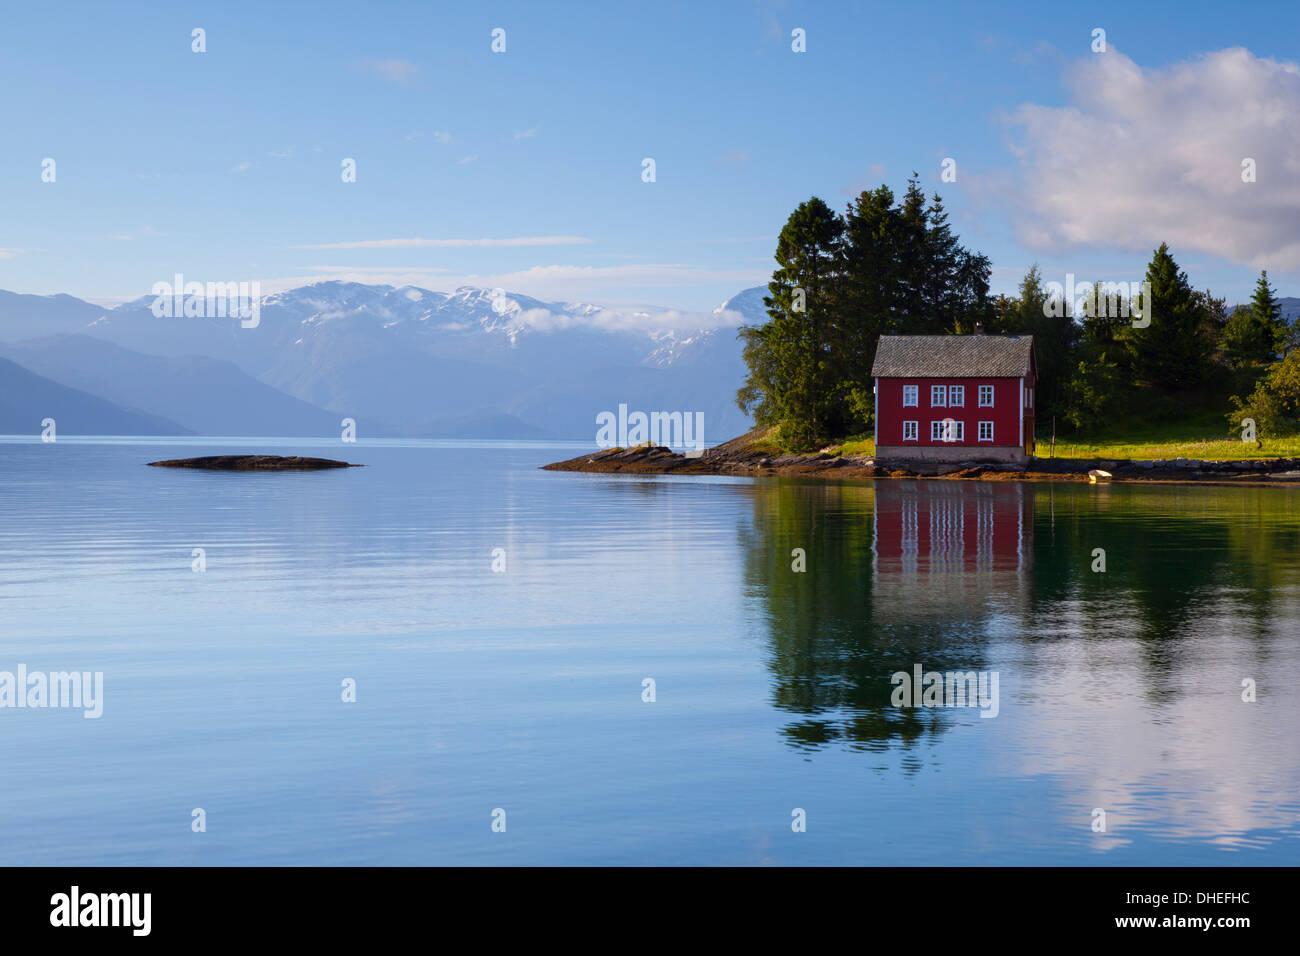 Una idílica isla rural en el fiordo Hardanger, Hordaland, Noruega, Escandinavia, Europa Foto de stock